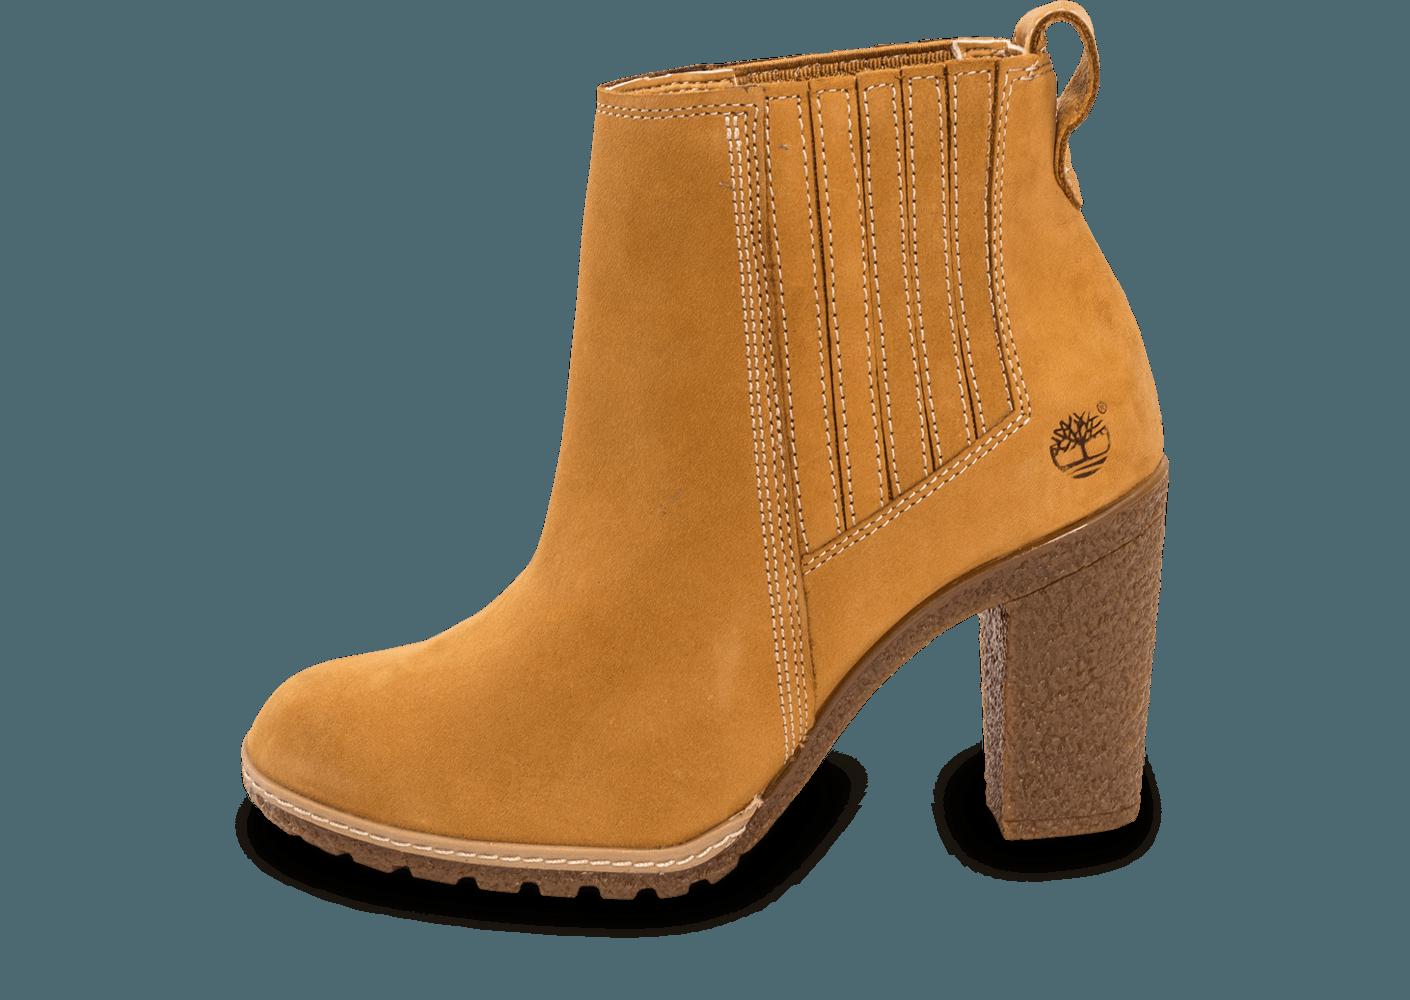 bottes timberlande femme